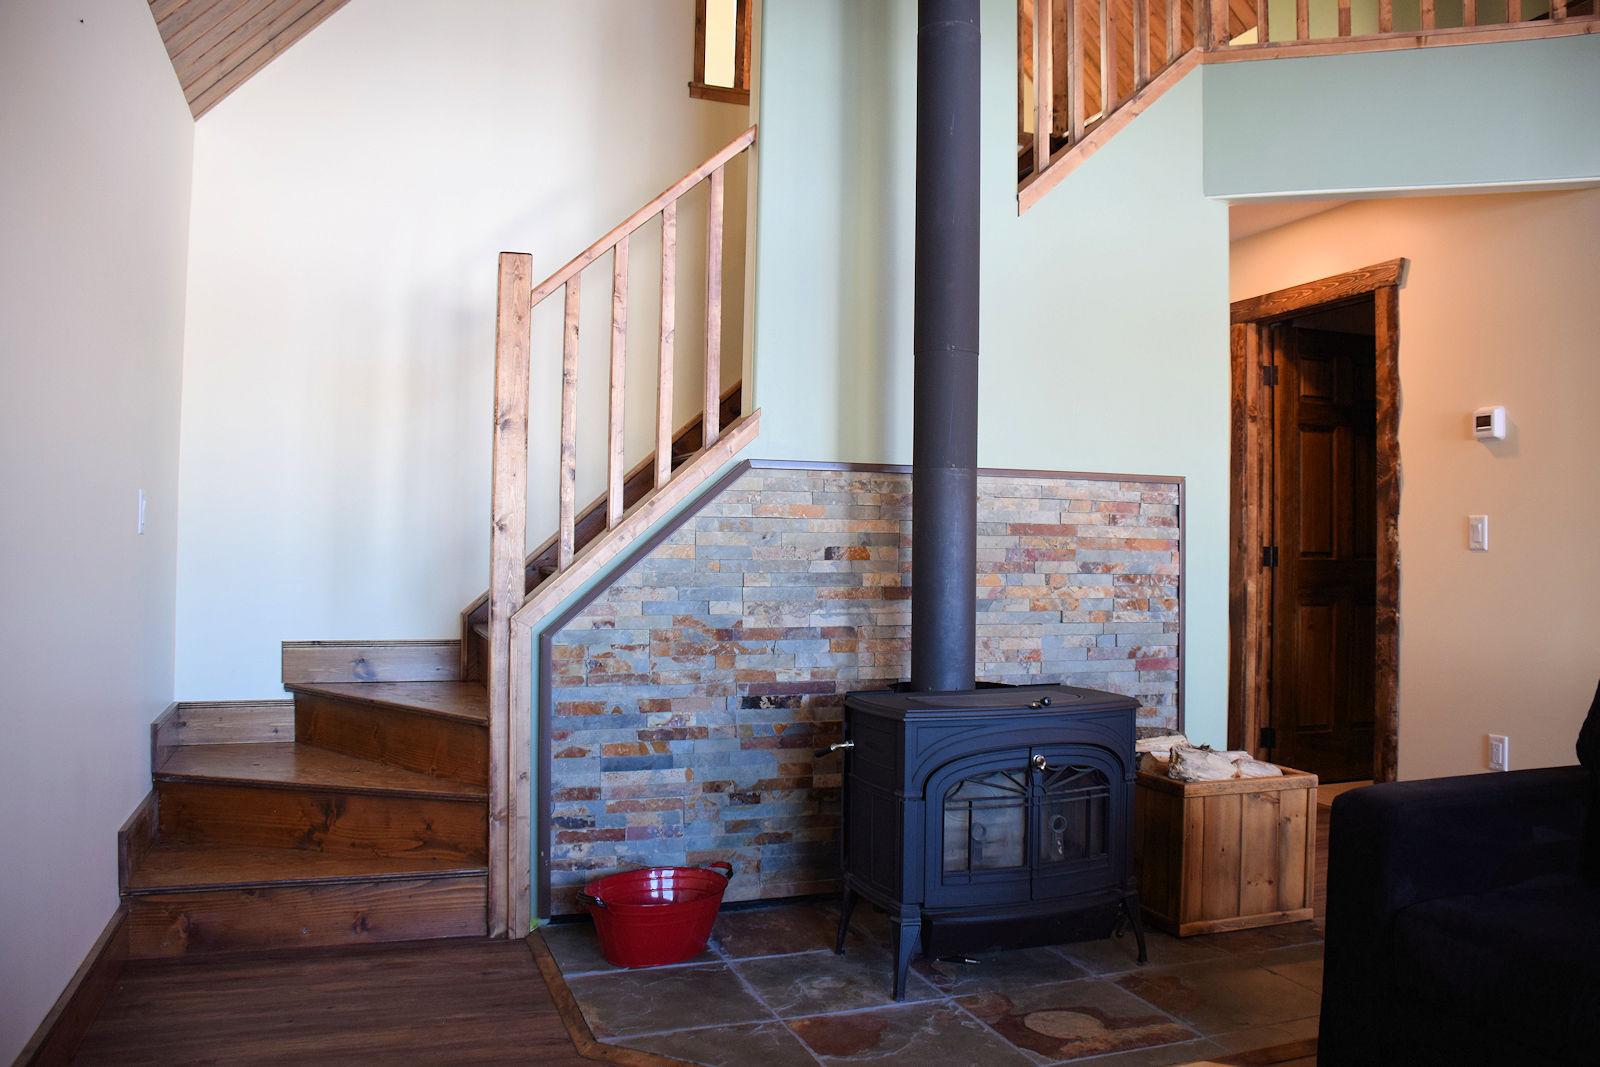 https://0901.nccdn.net/4_2/000/000/000/f5d/fireplace-and-stairwell-1600x1067.jpg